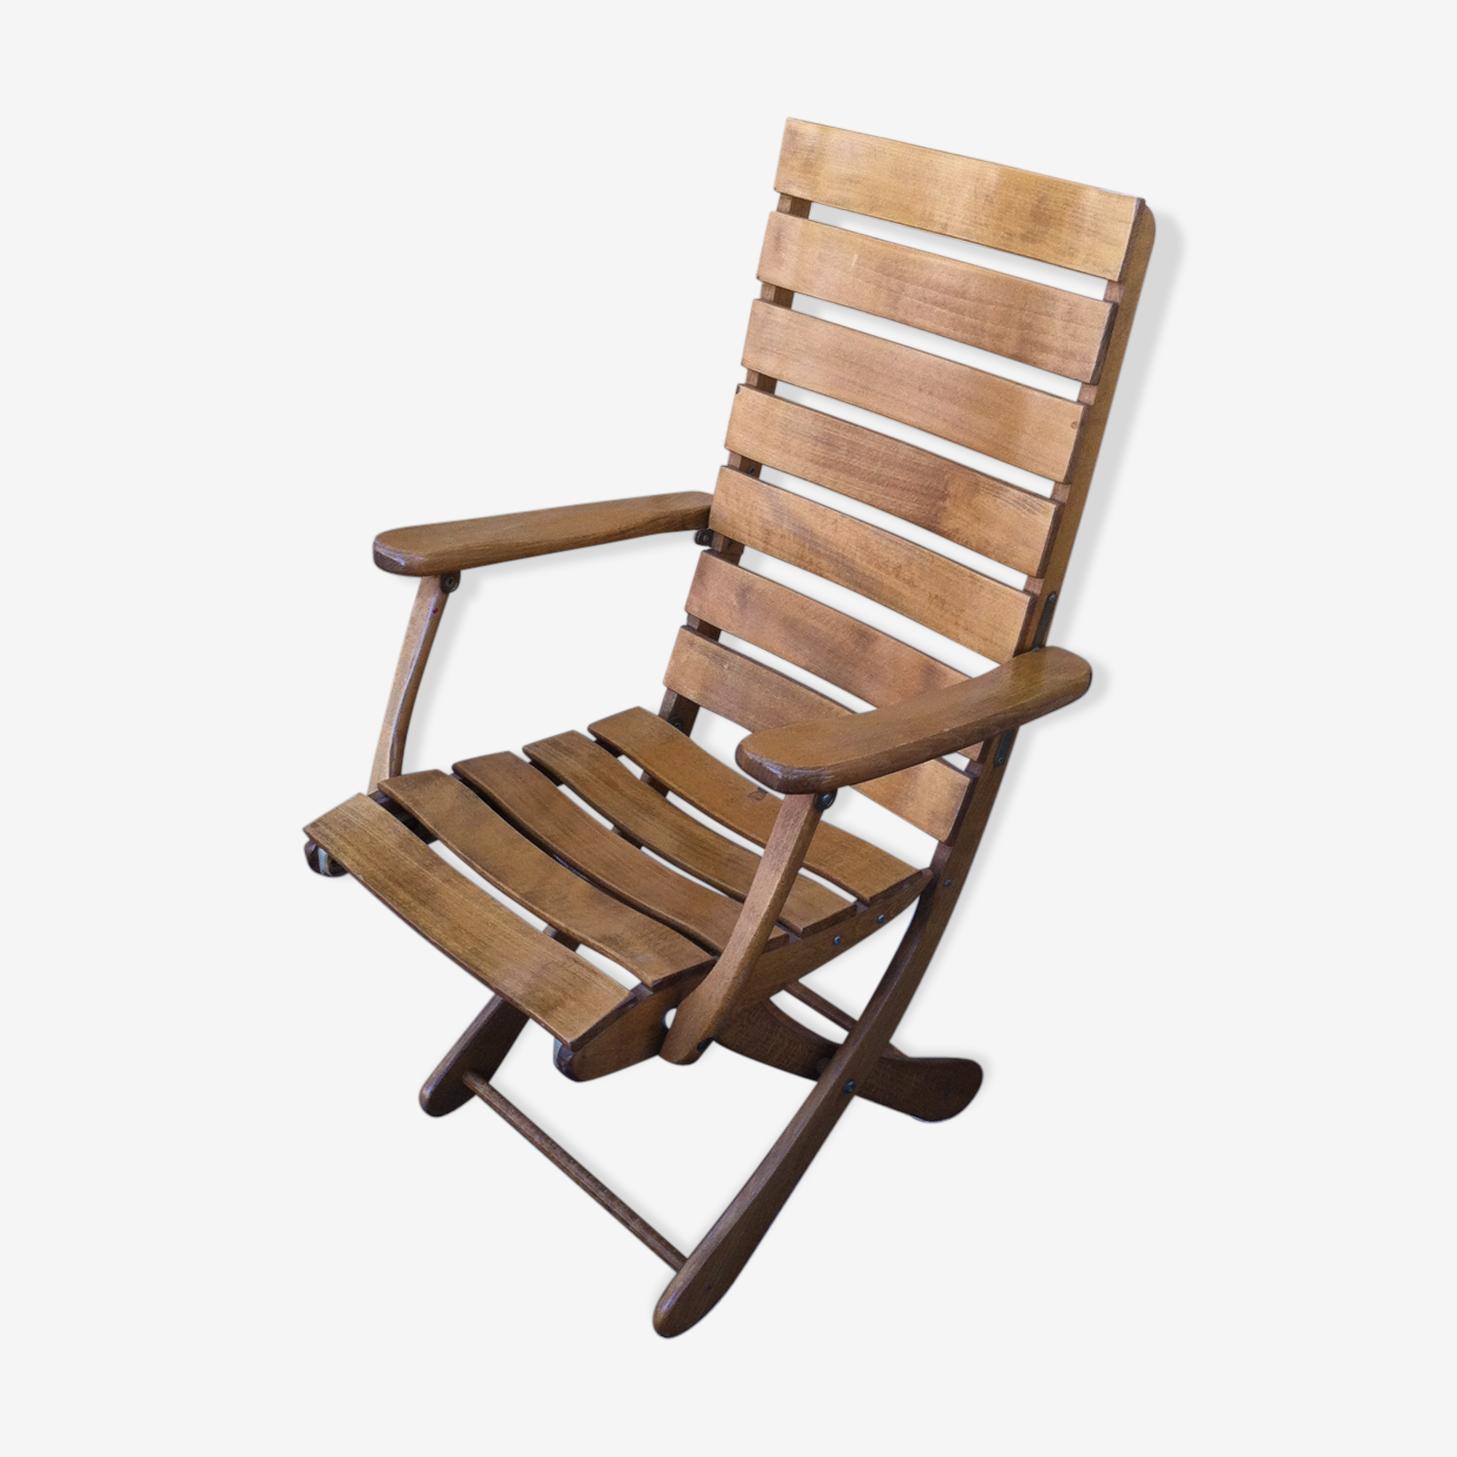 Fauteuil relax pliant de jardin en bois vernis bois Matériau